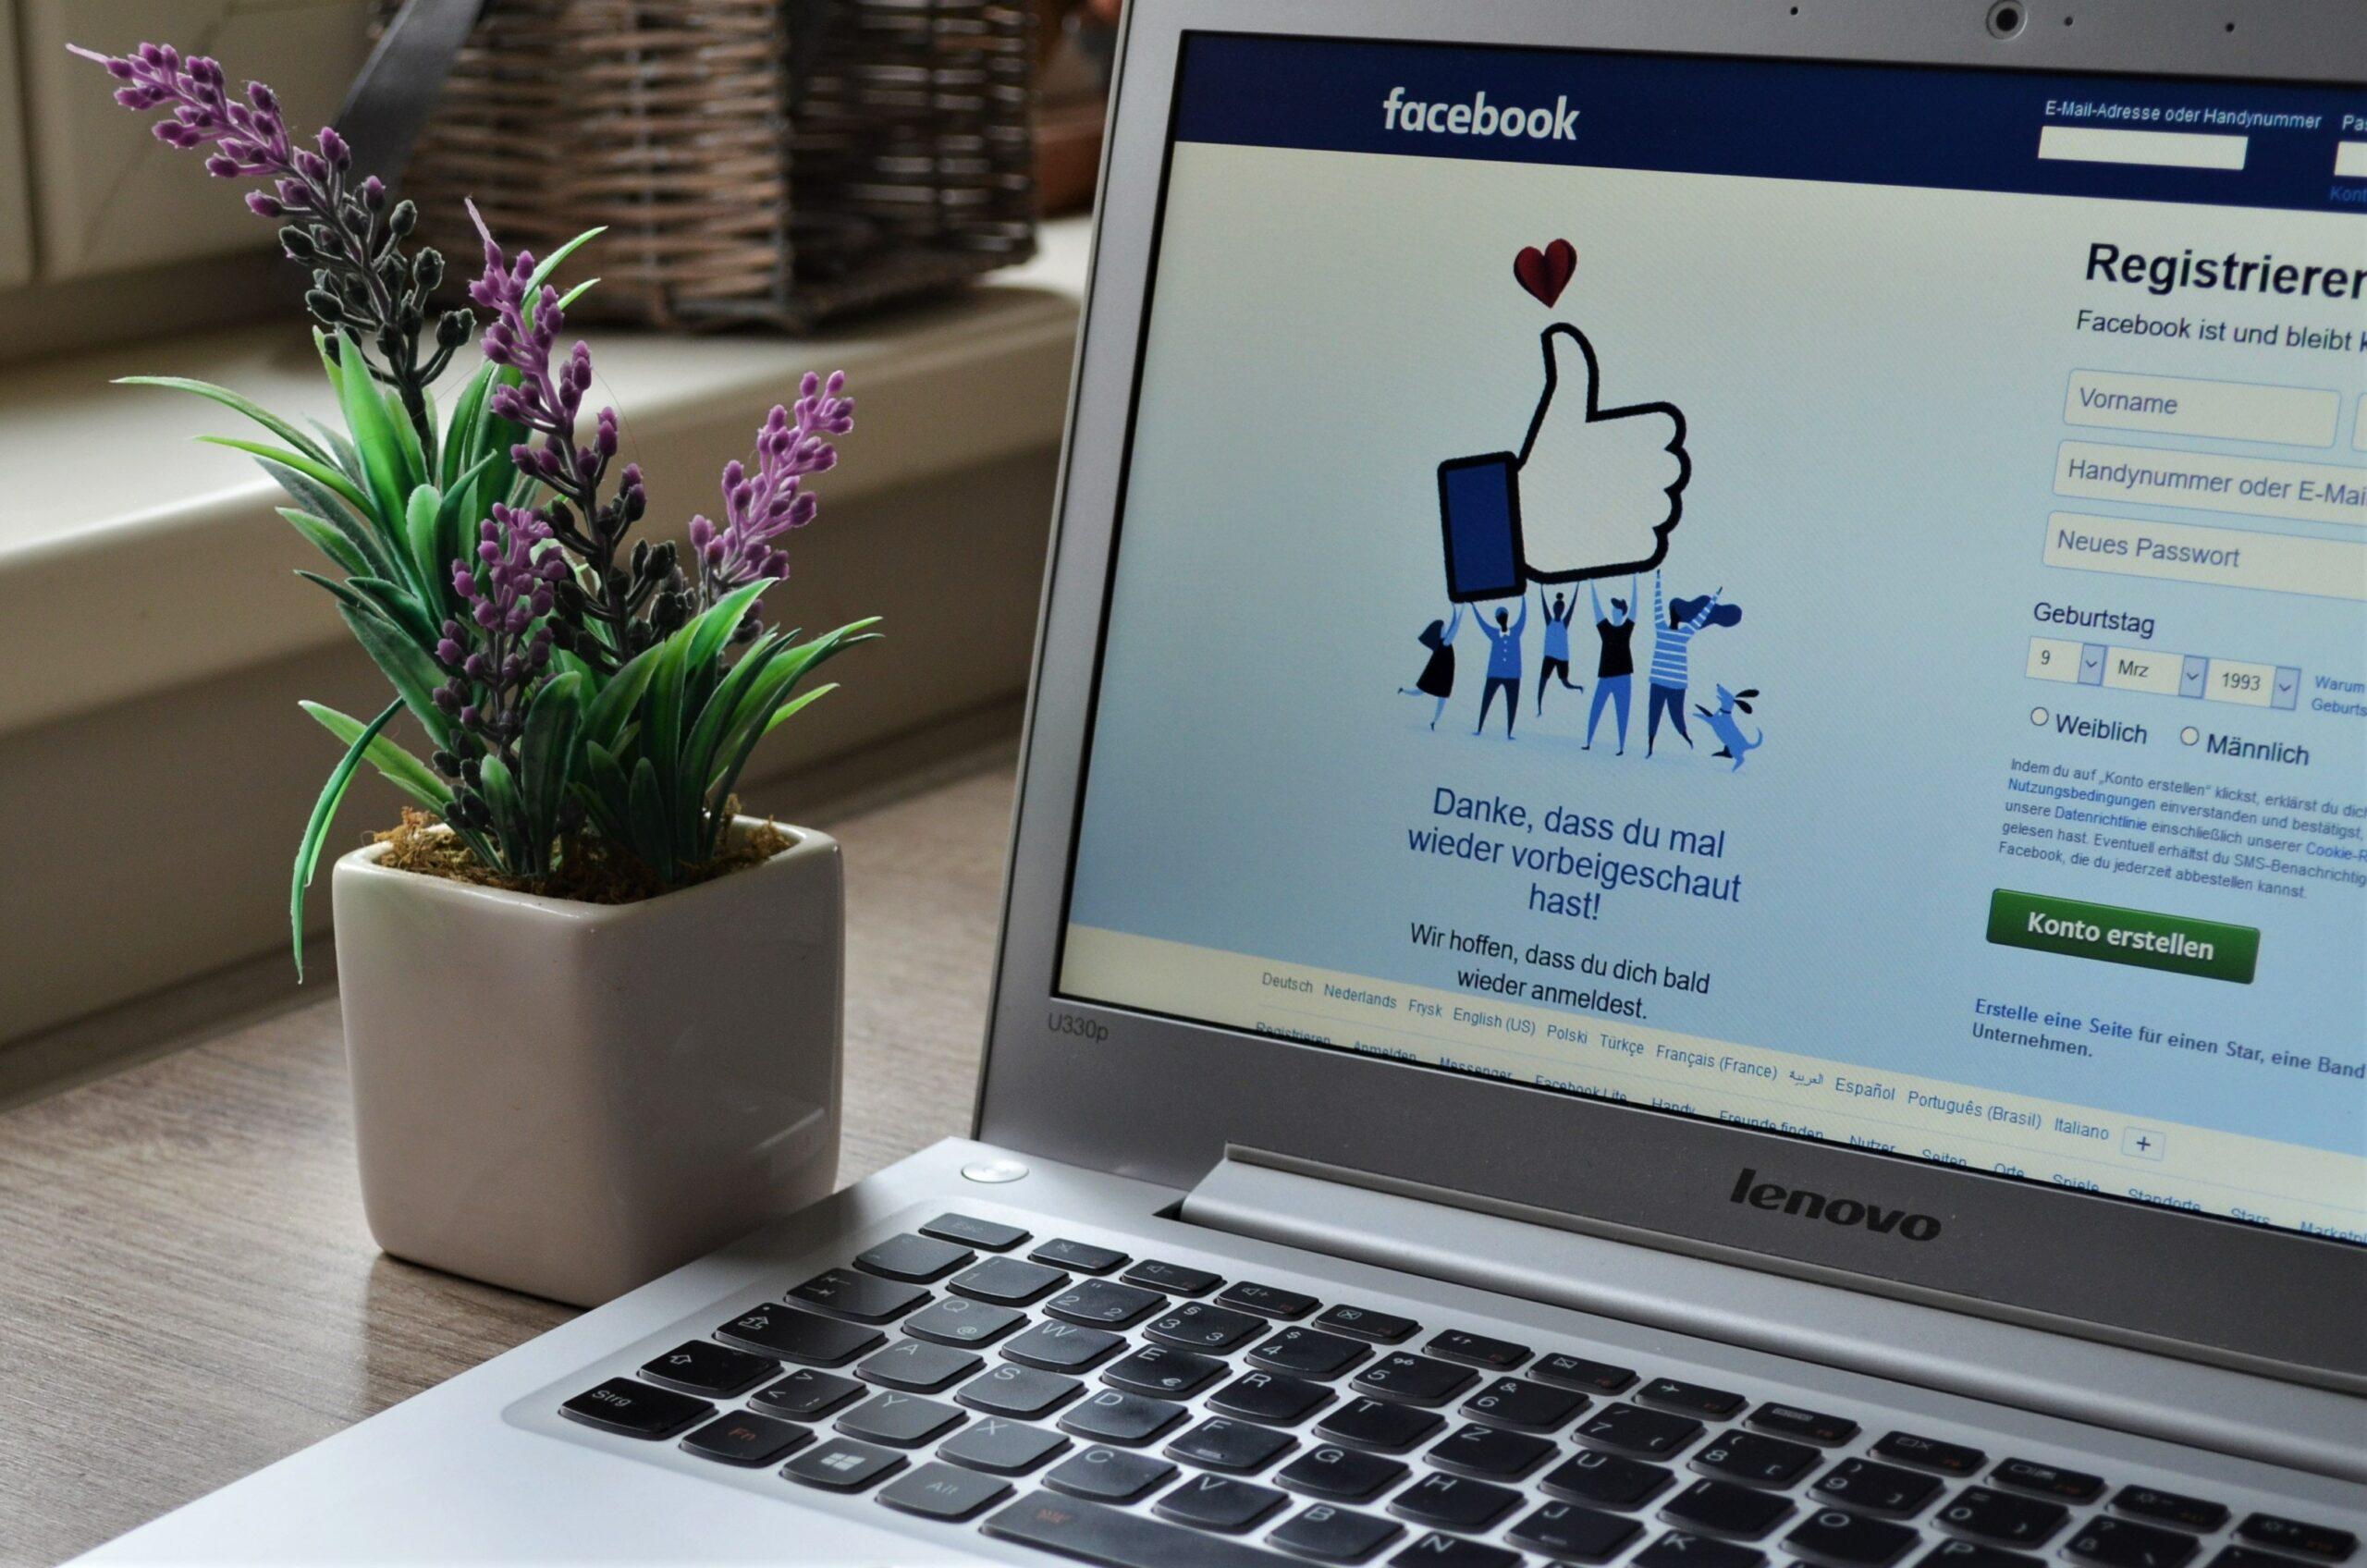 Facebook homepage on laptop screen